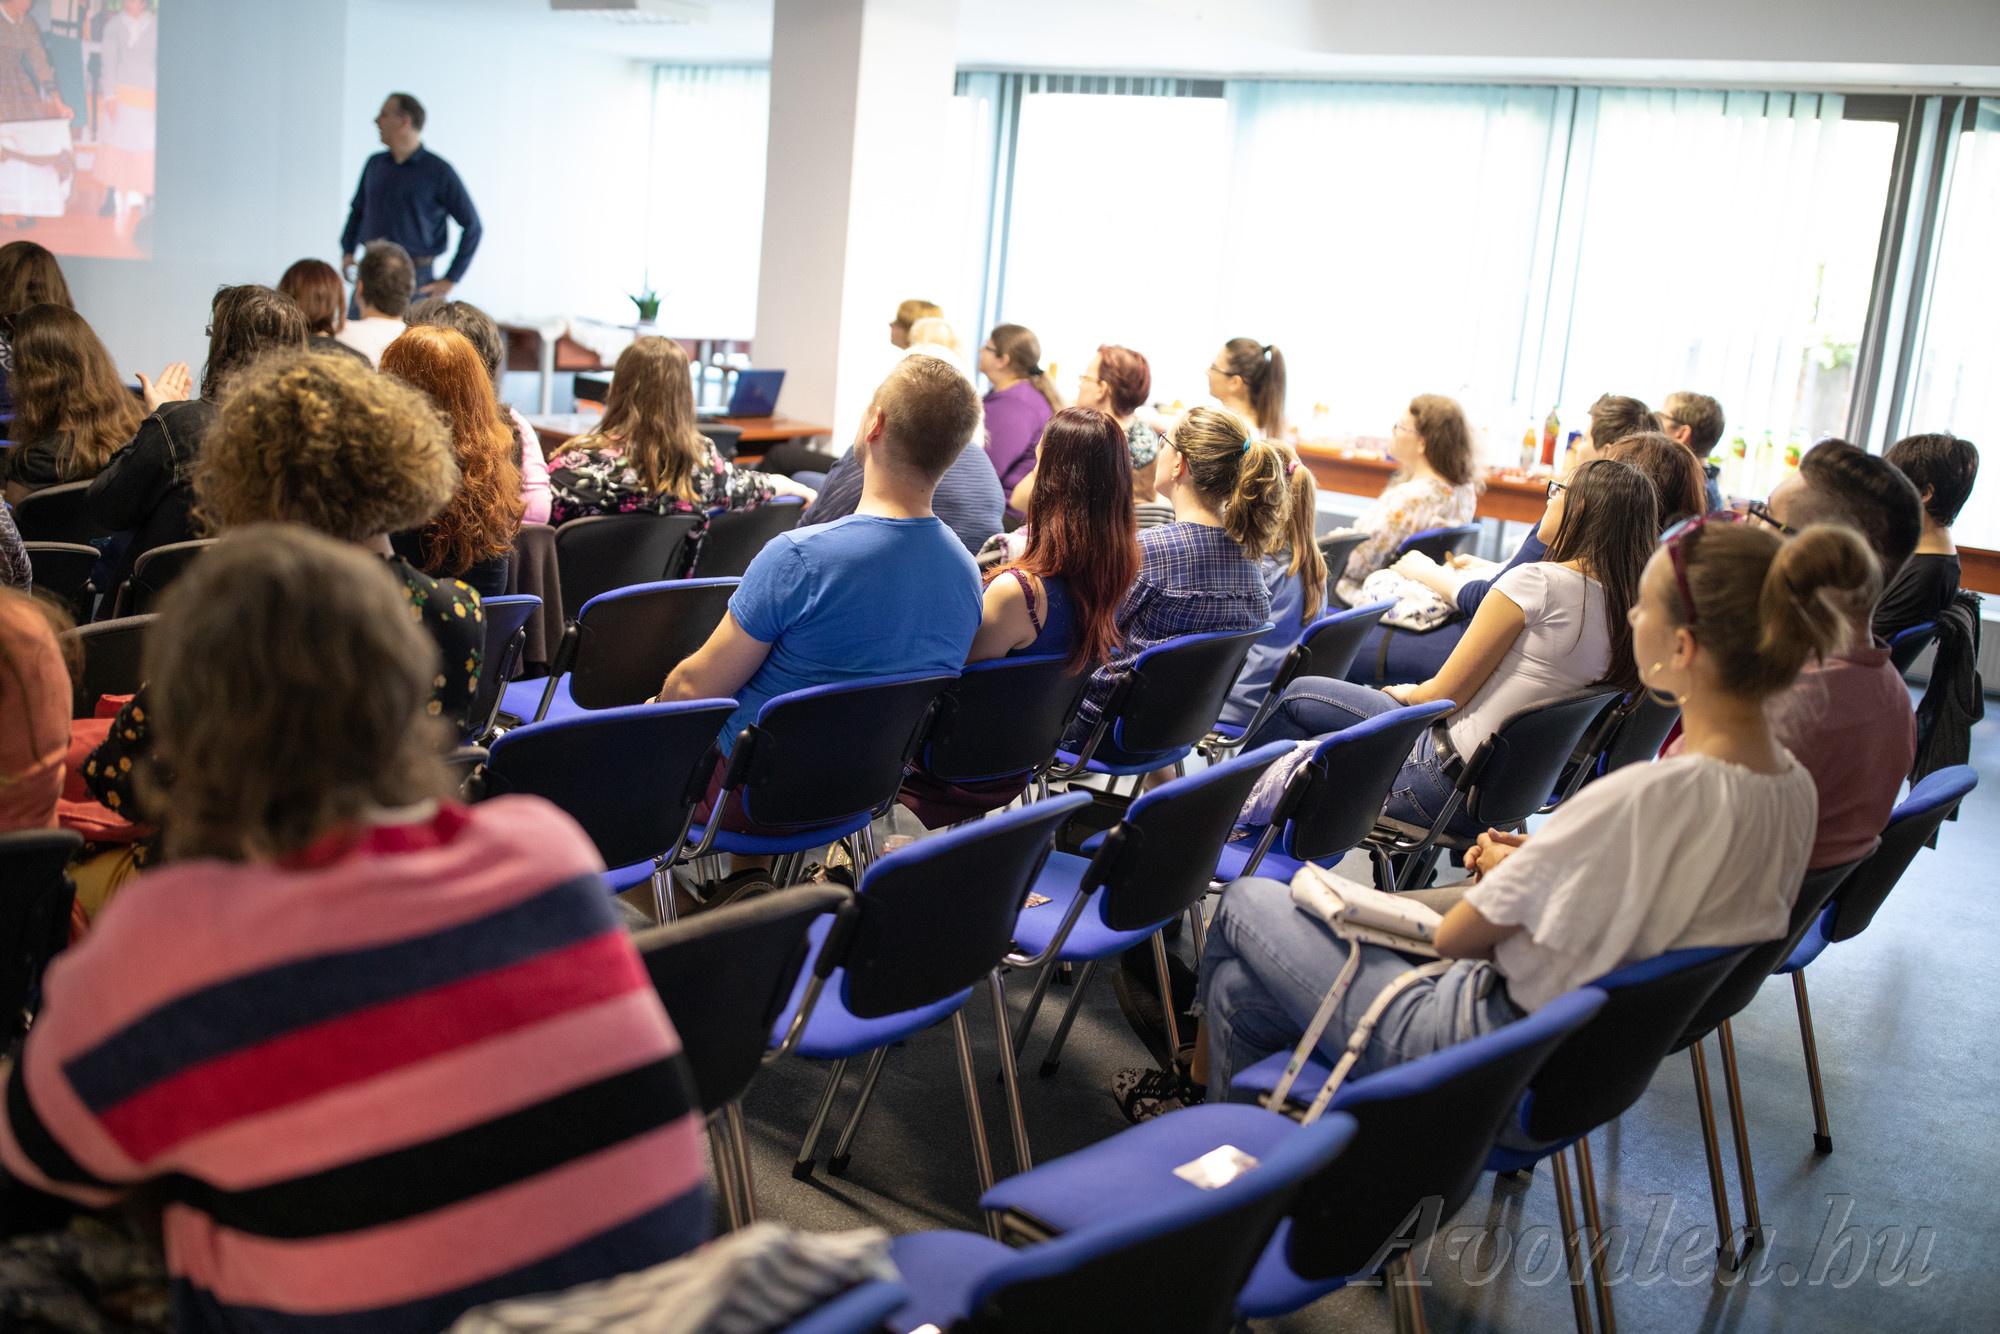 Sorozatrajongók nézik a prezentációt